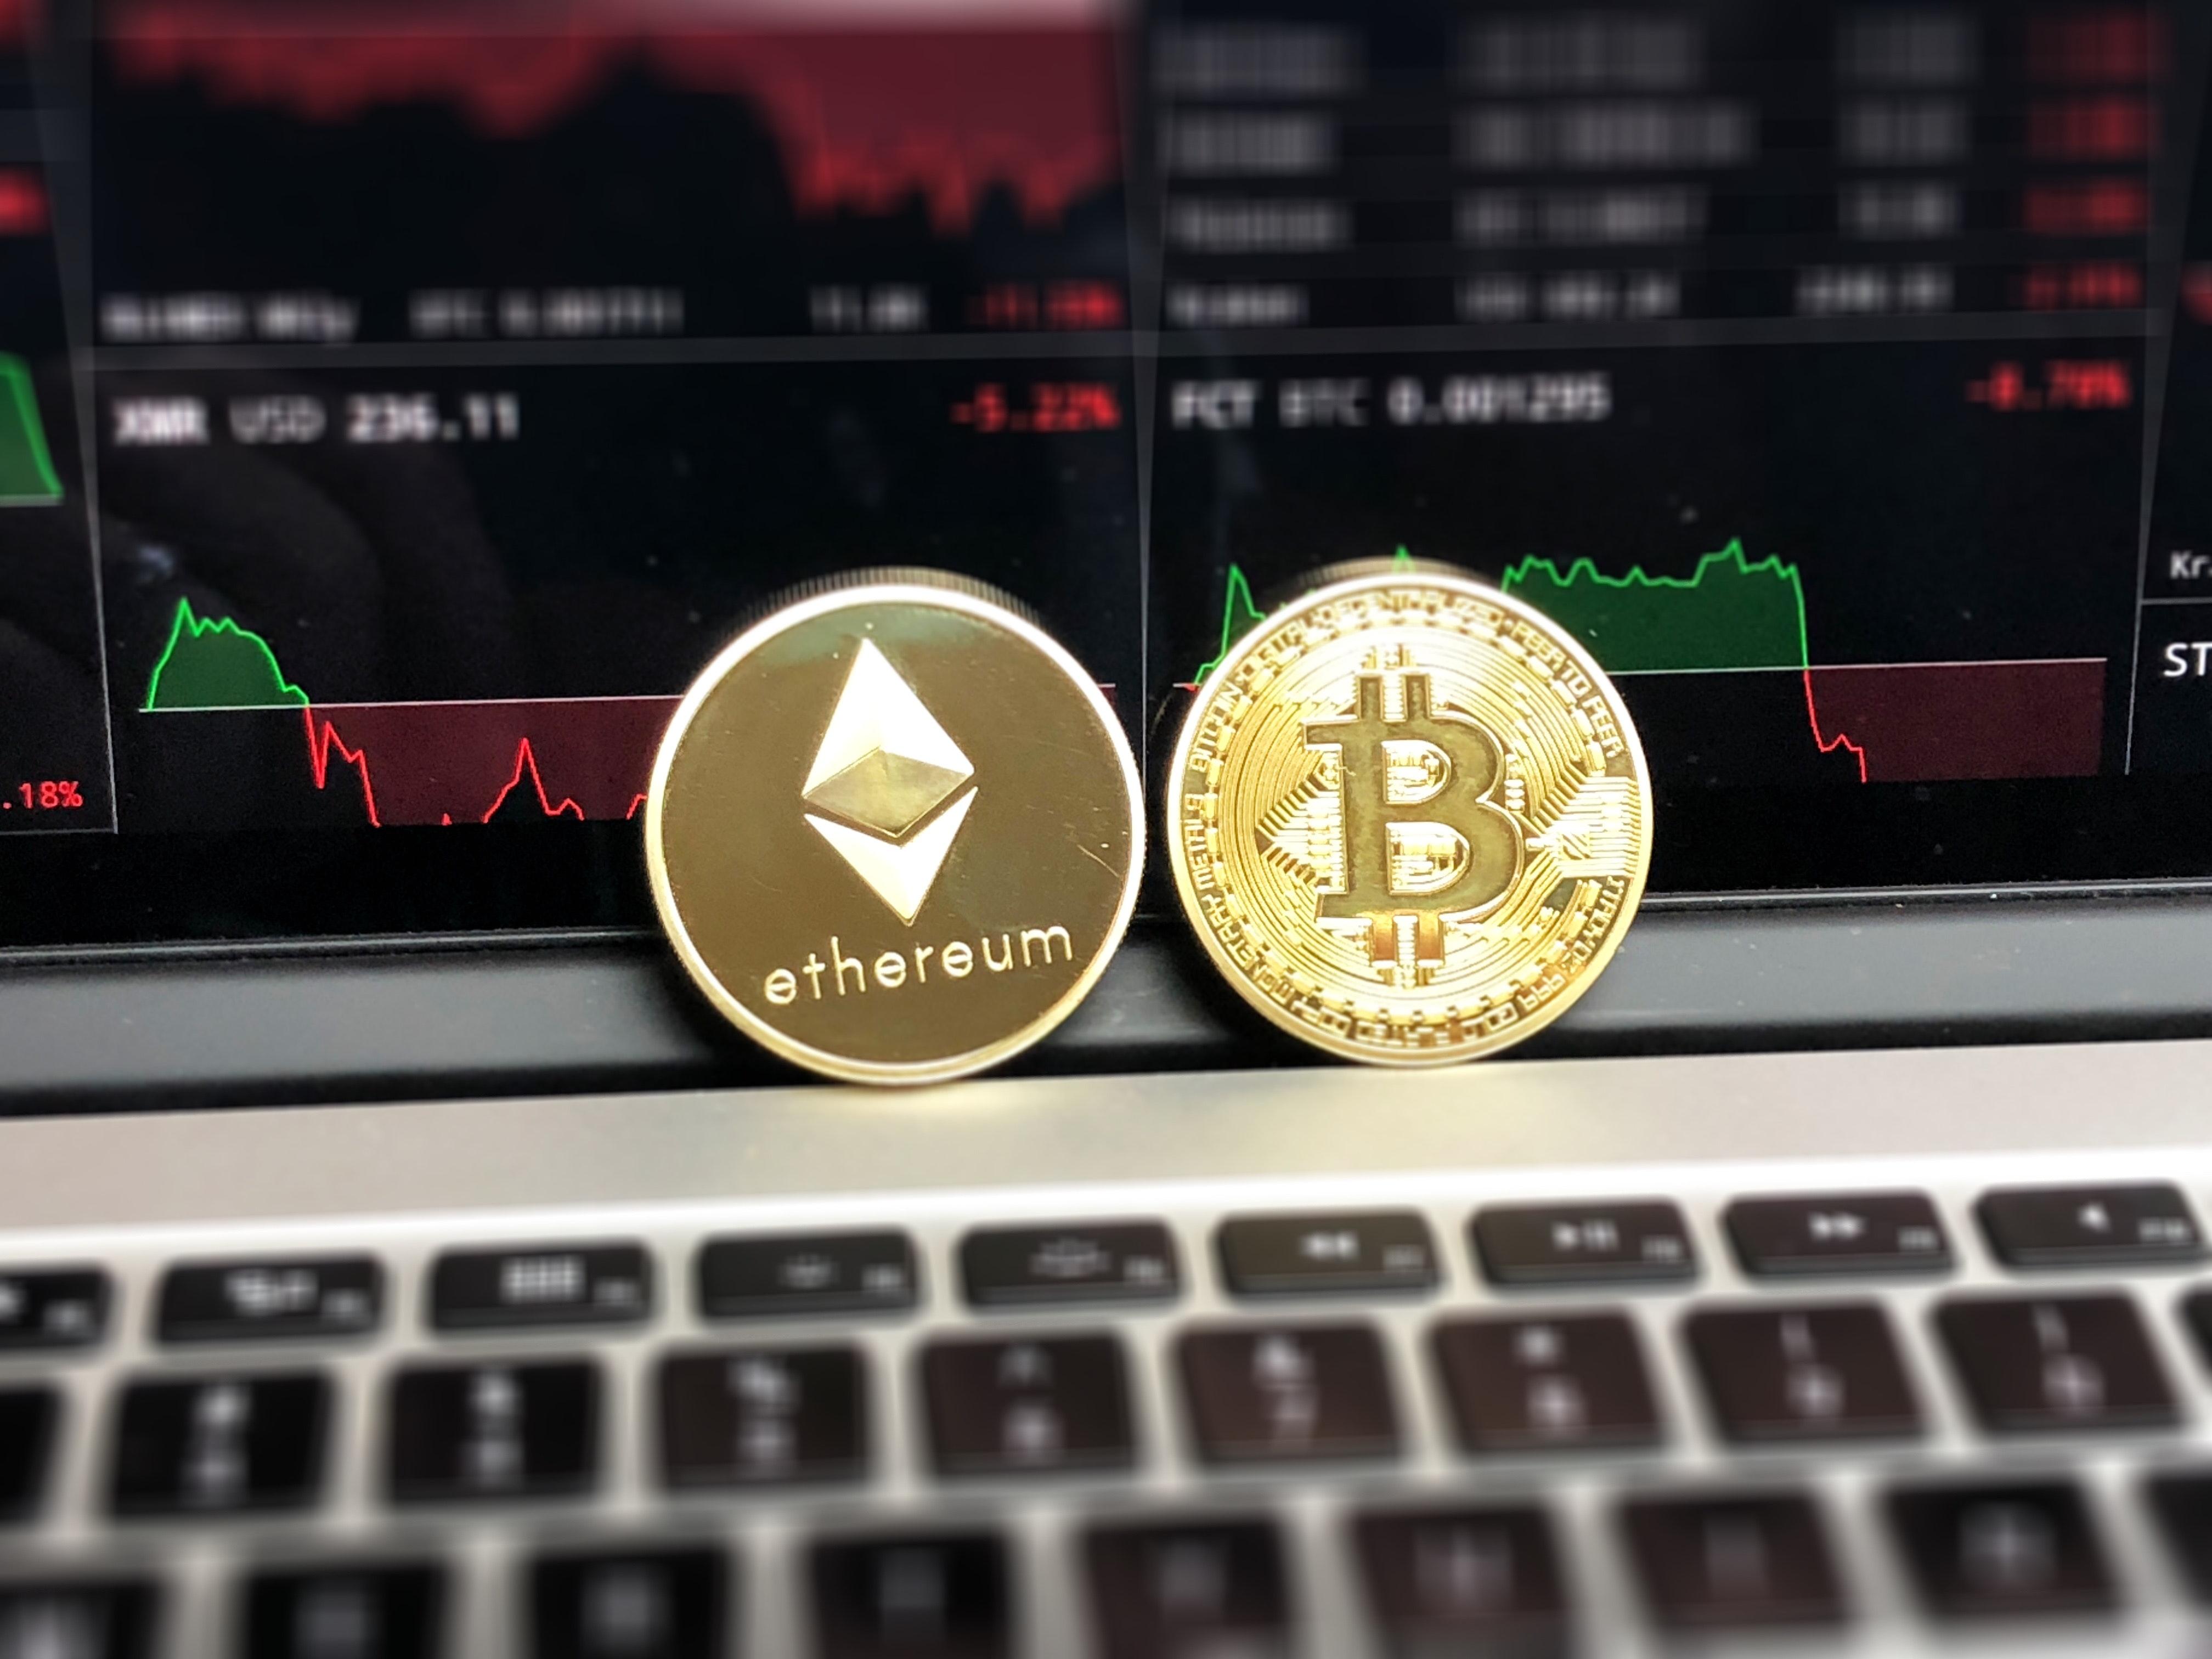 bitcoin-blockchain-business-730569.jpg